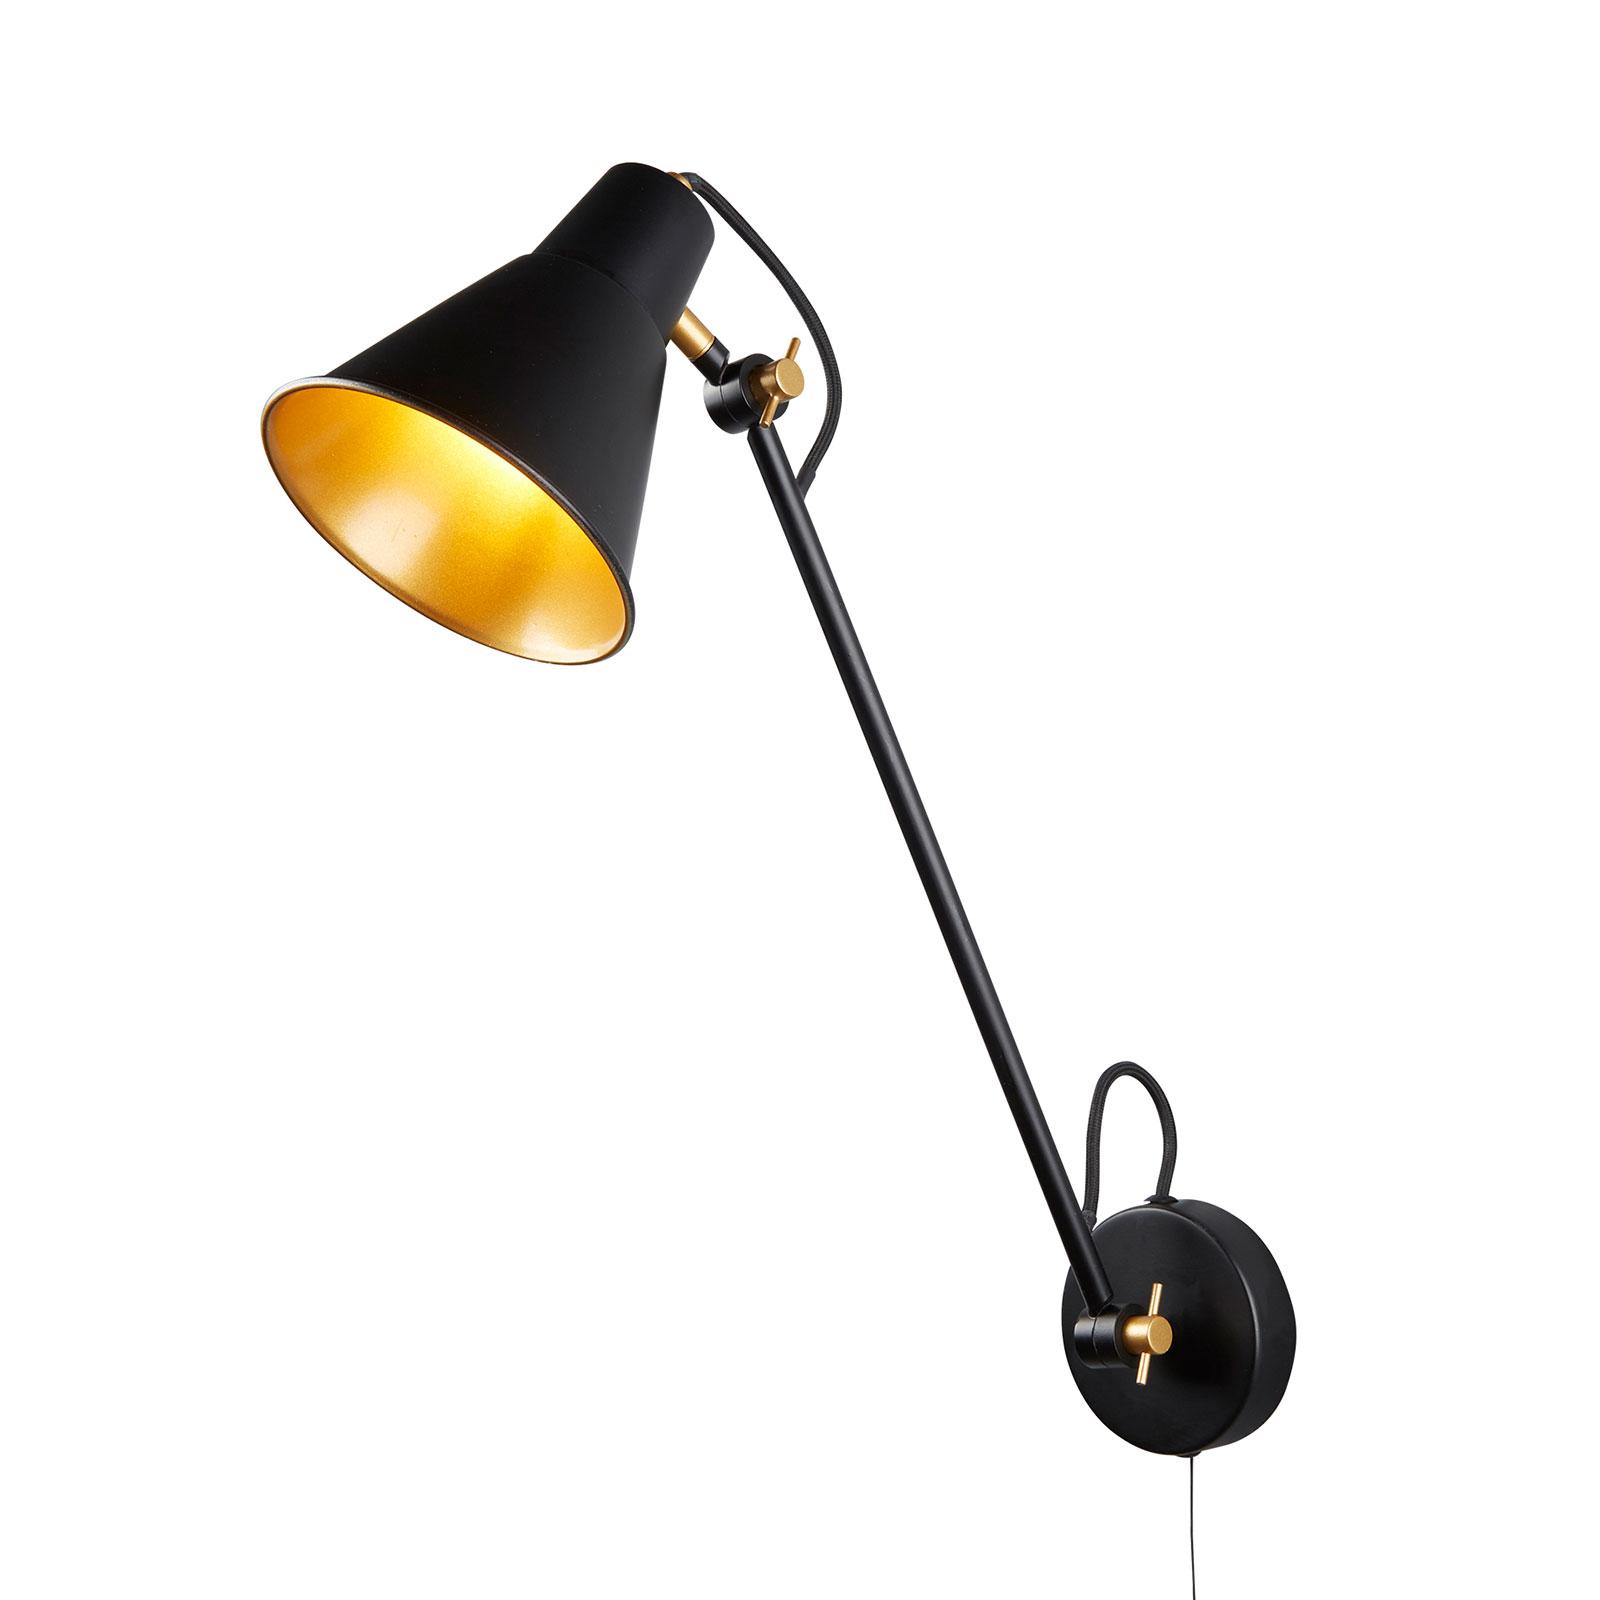 Wandlamp 6302 van metaal, zwart-goud